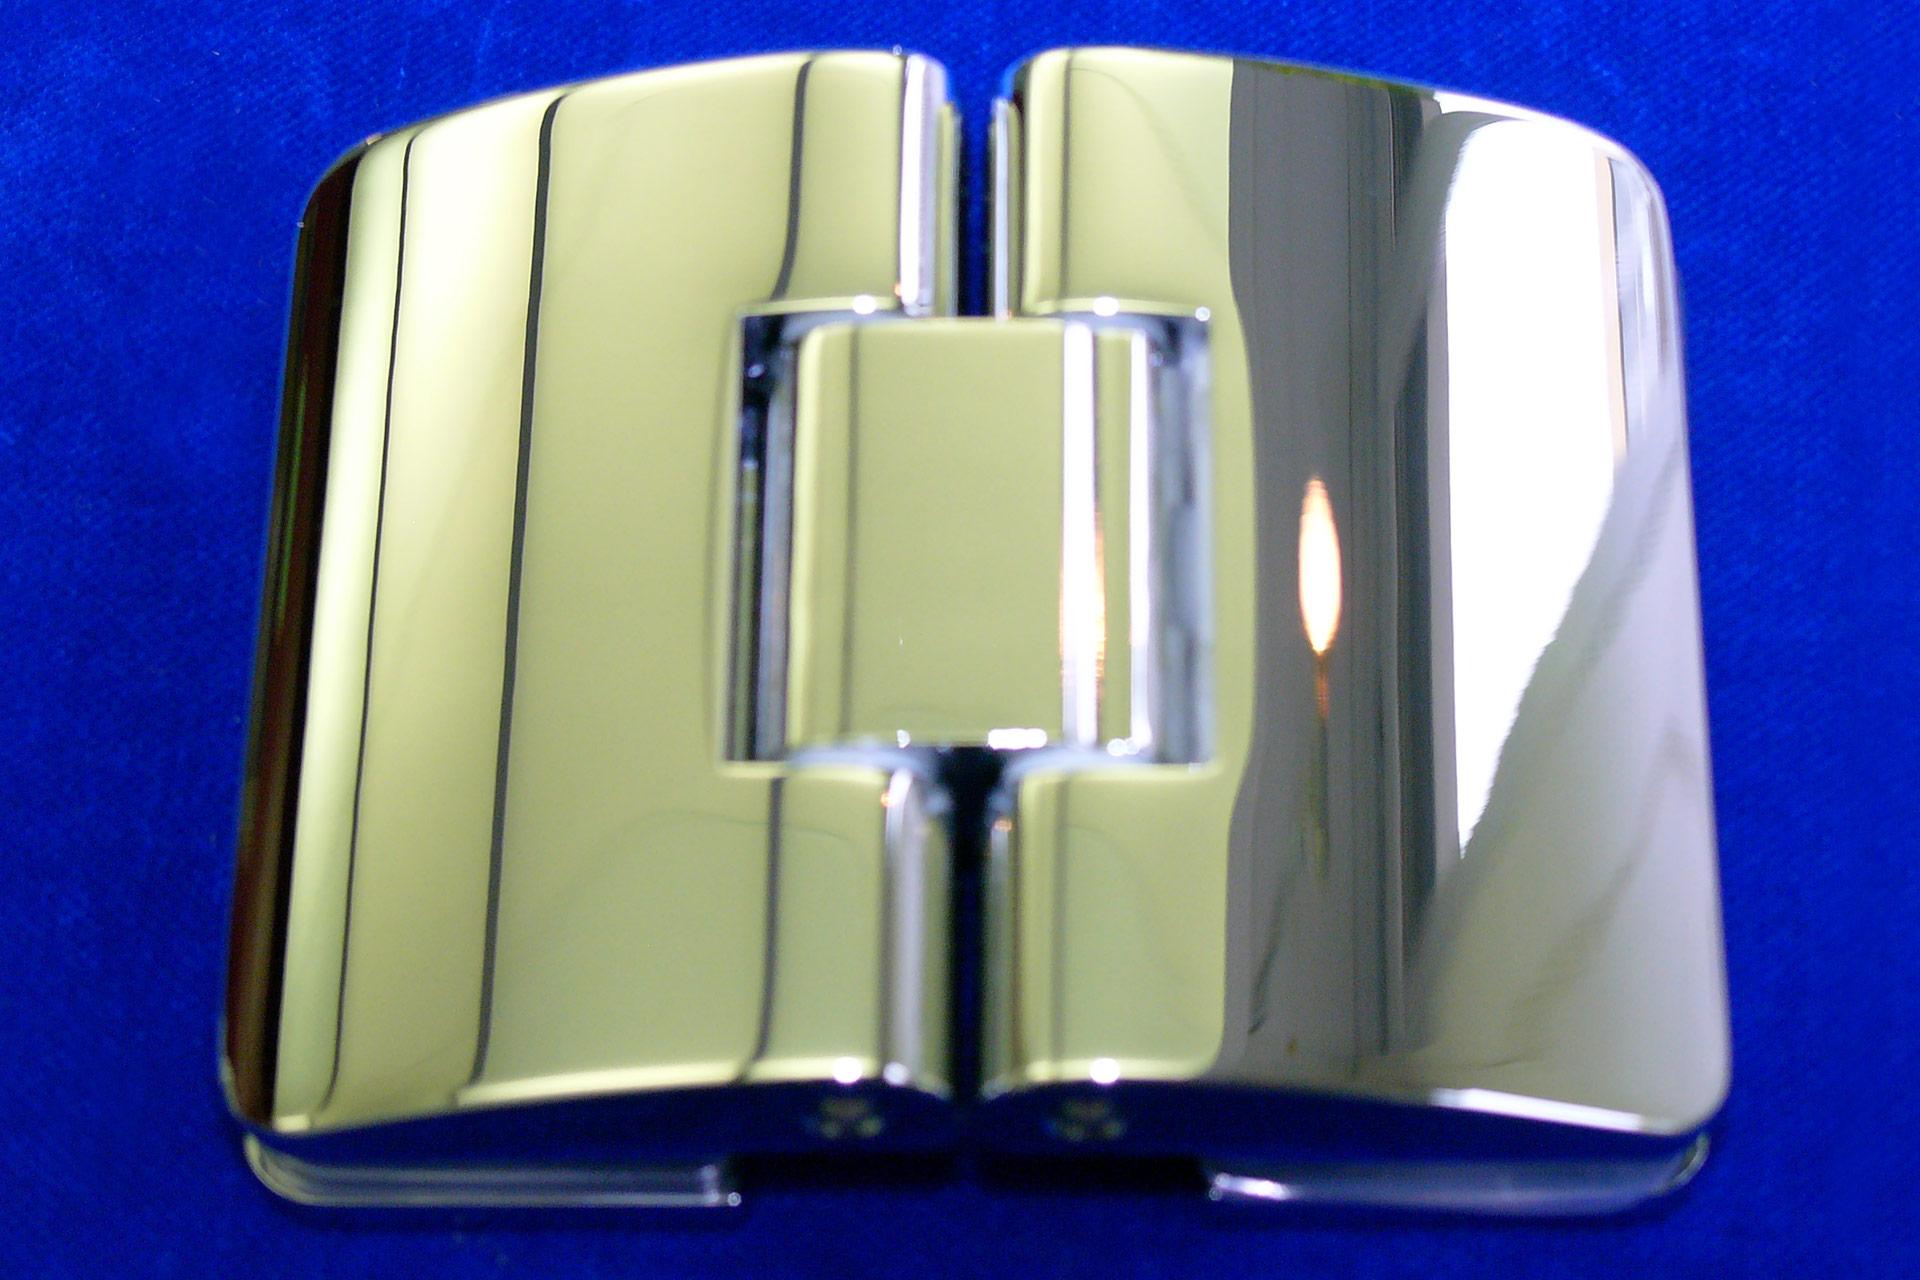 SD 865 charnière de porte en verre, verre-verre, seulement pour tirer